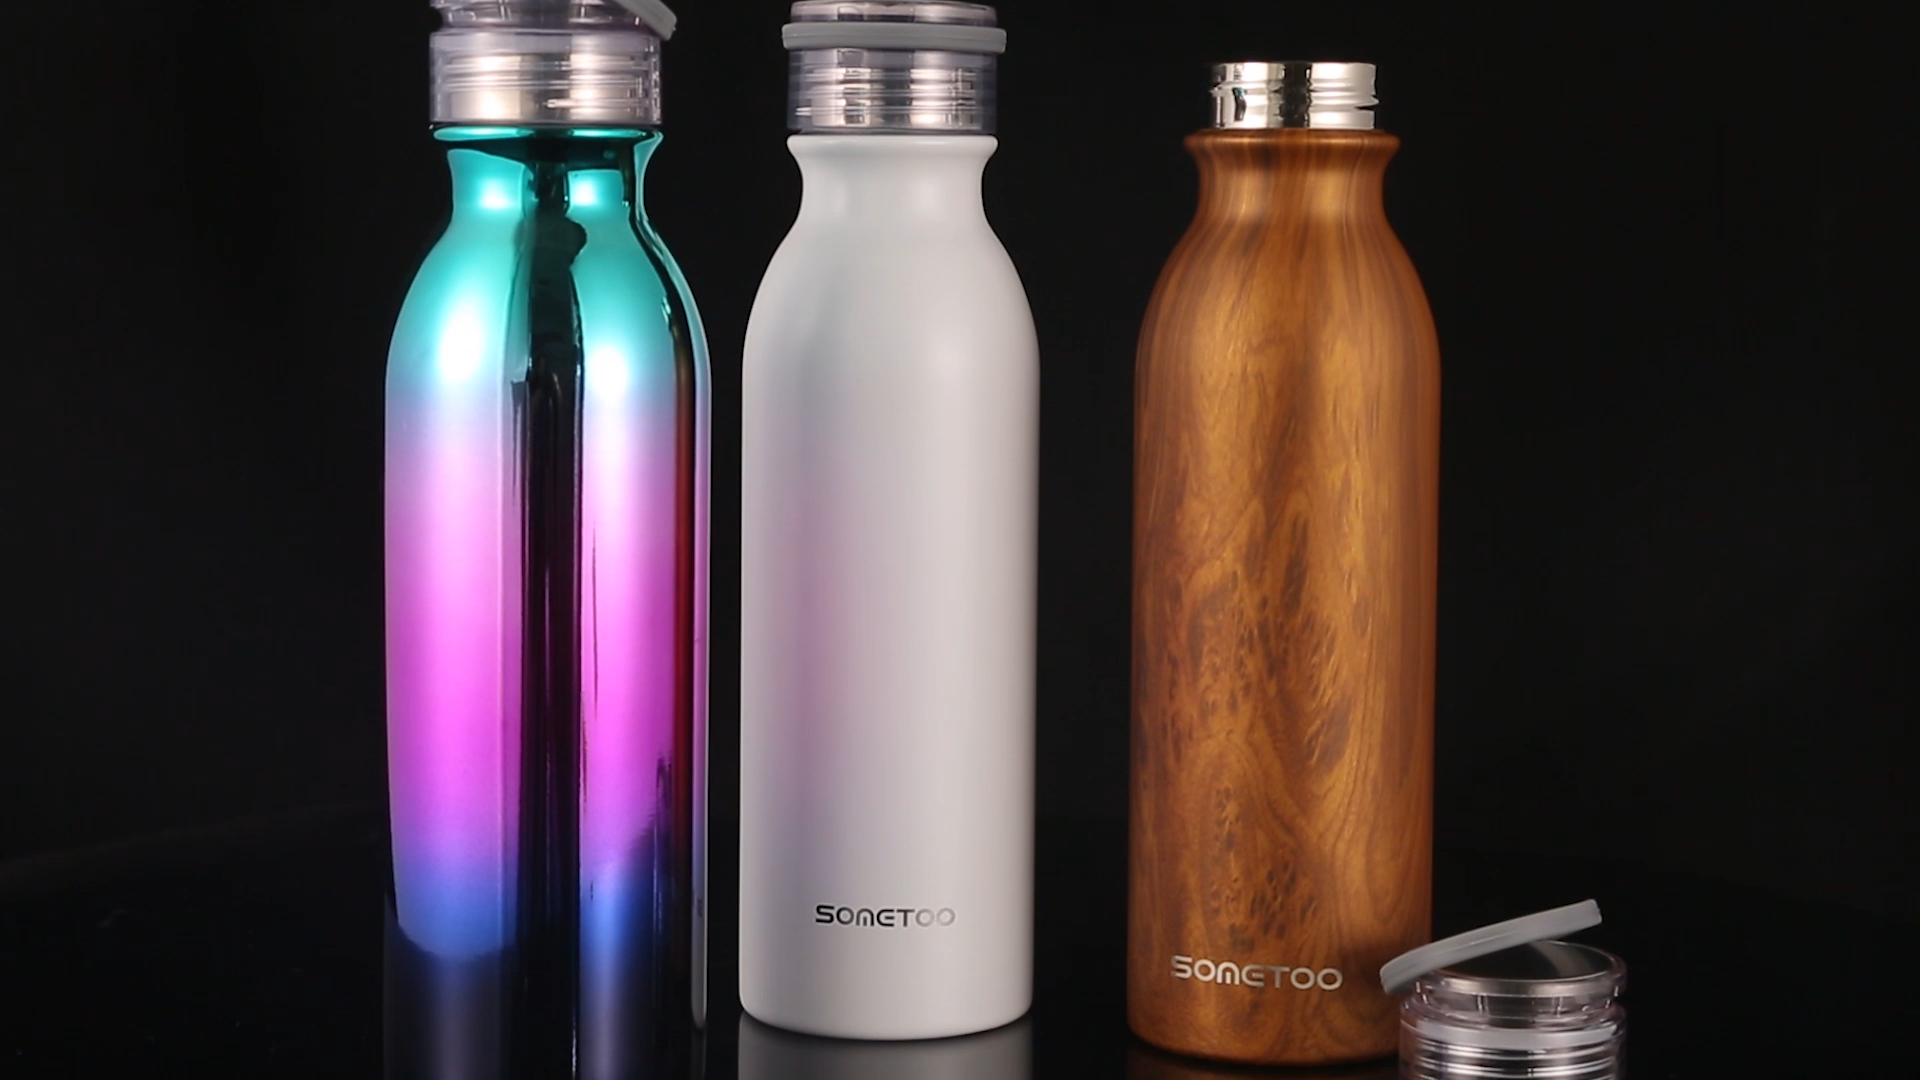 20oz مانعة للتسرب زجاجة ماء مزدوجة الجدار فراغ زجاجة معزولة مع مقبض سيليكون إبقاء الماء الساخن أو البارد